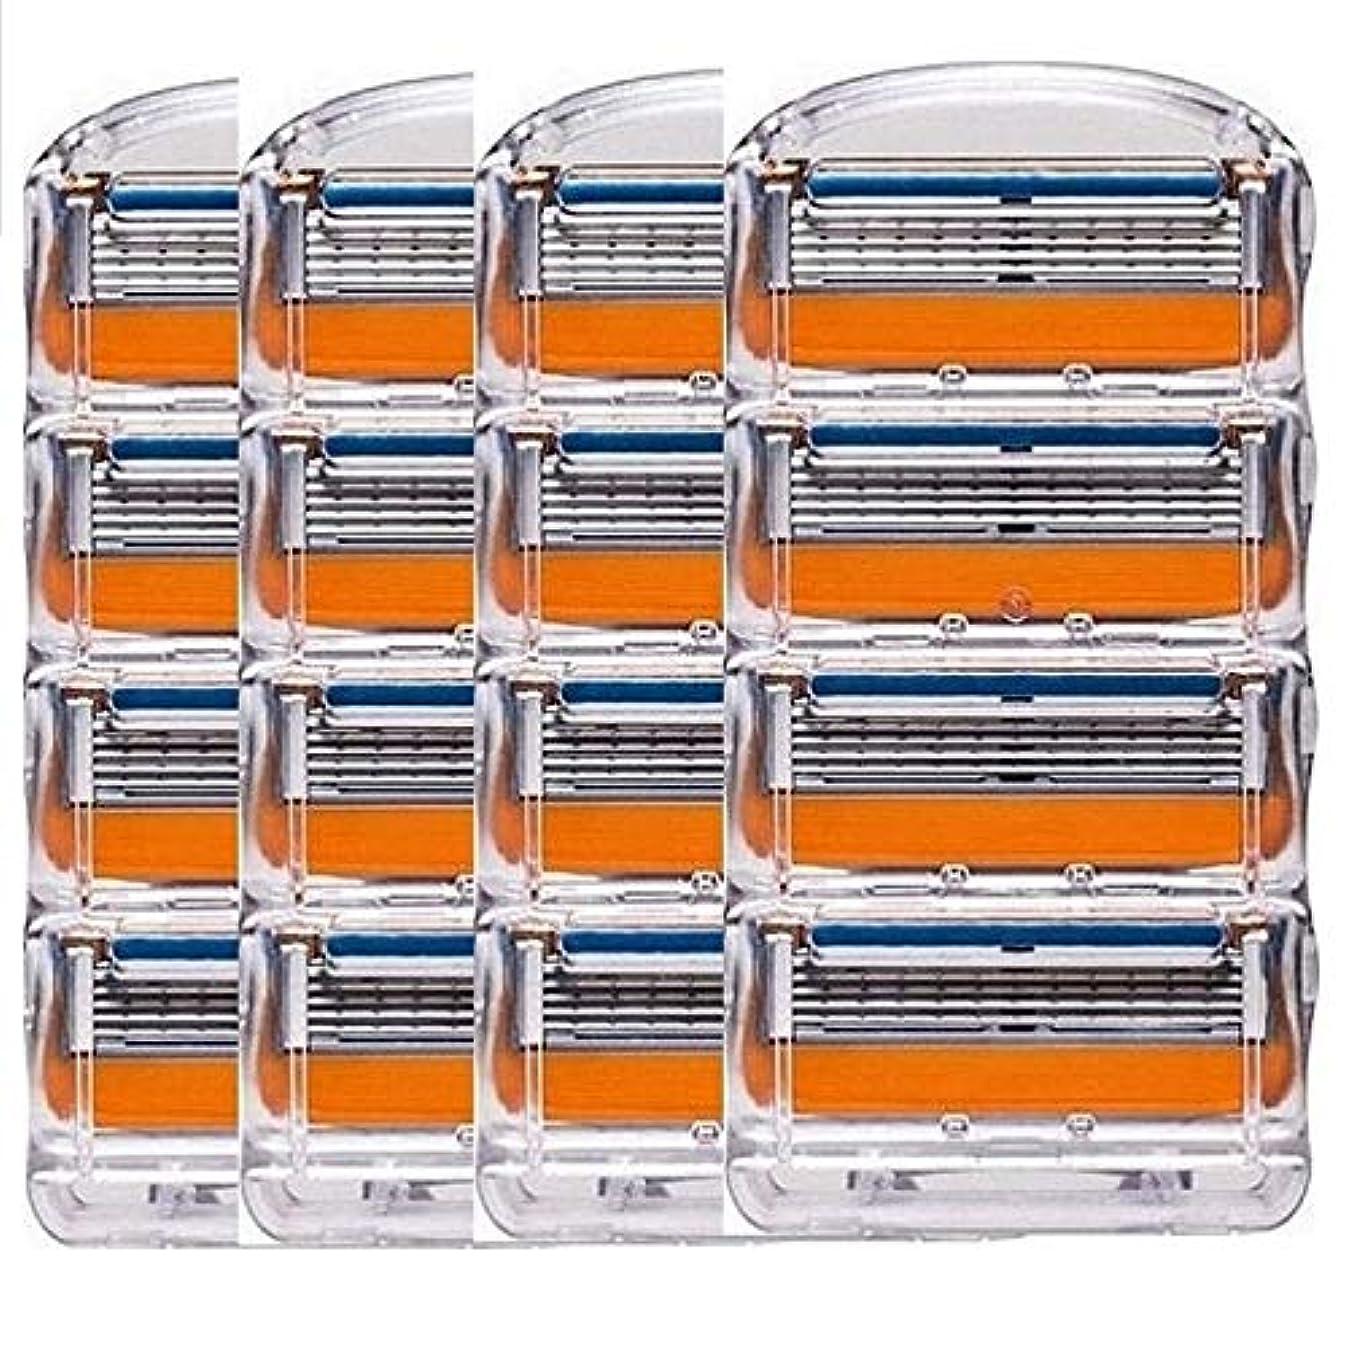 小包く配偶者ジレット フュージョン用 替刃 互換品 4セット 16個 髭剃り Gillette Fusion プログライド パワー 替え刃 オレンジ